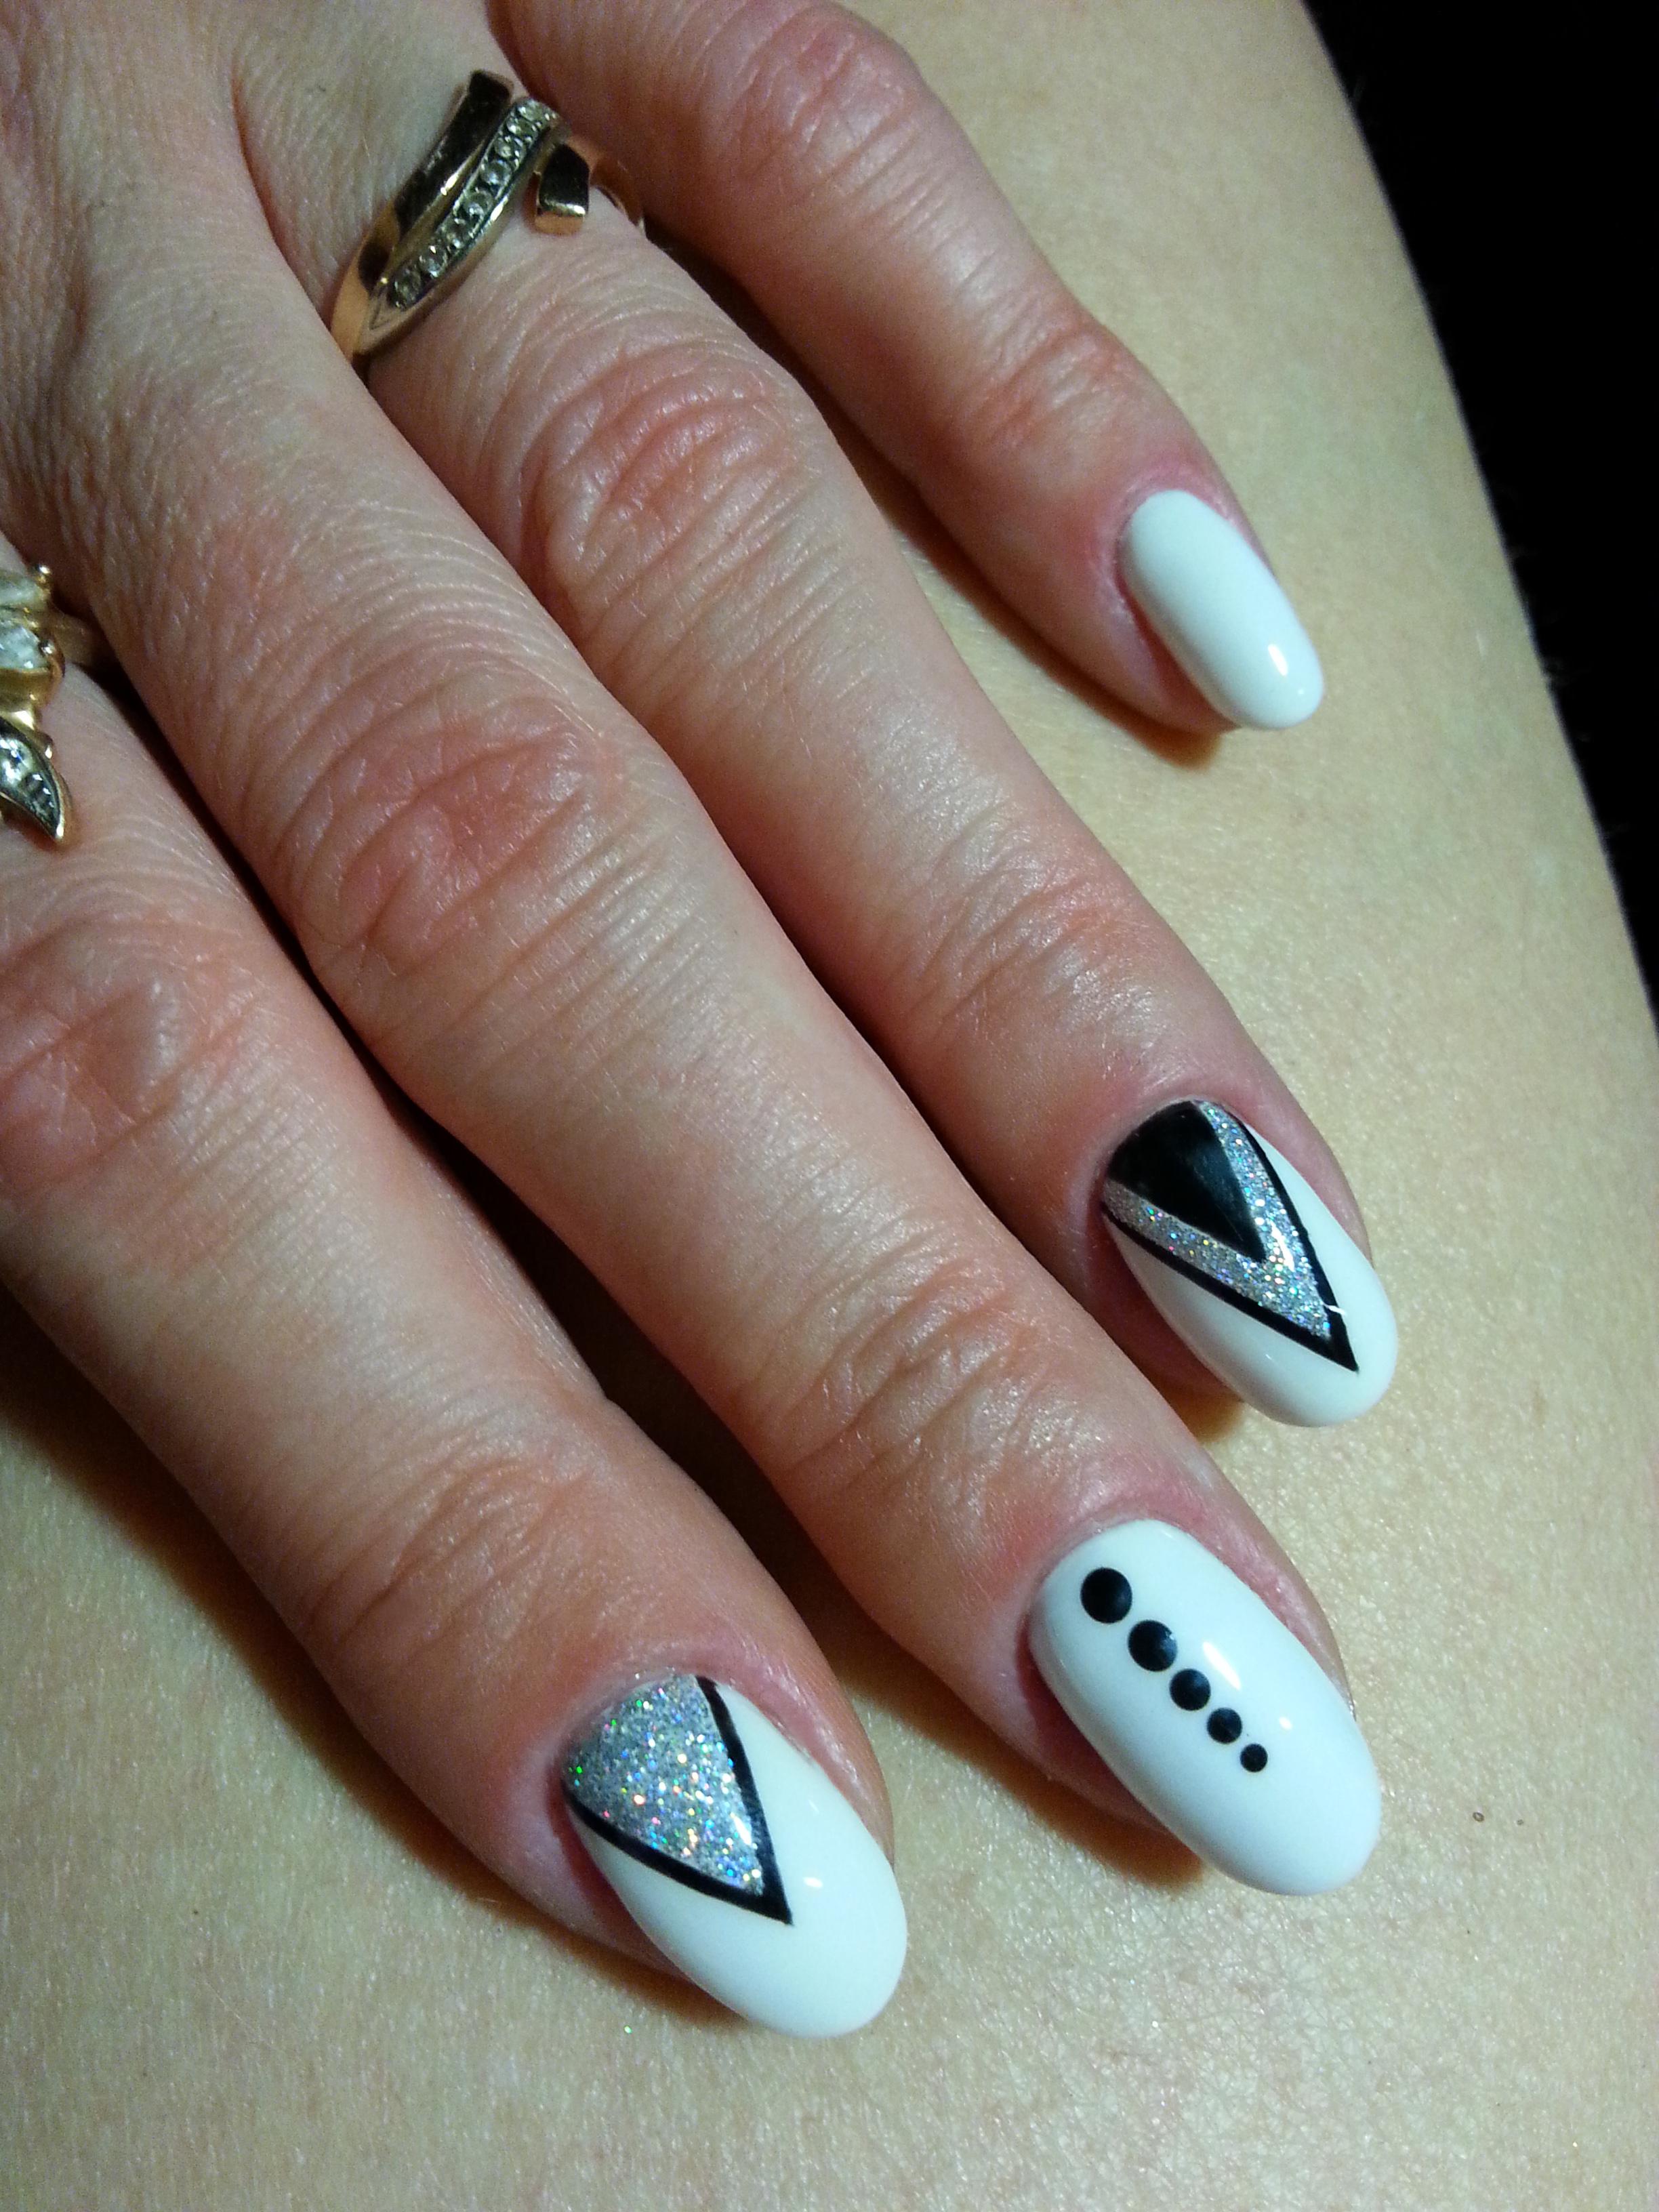 Геометрический маникюр с серебряными блестками в белом цвете на короткие ногти.